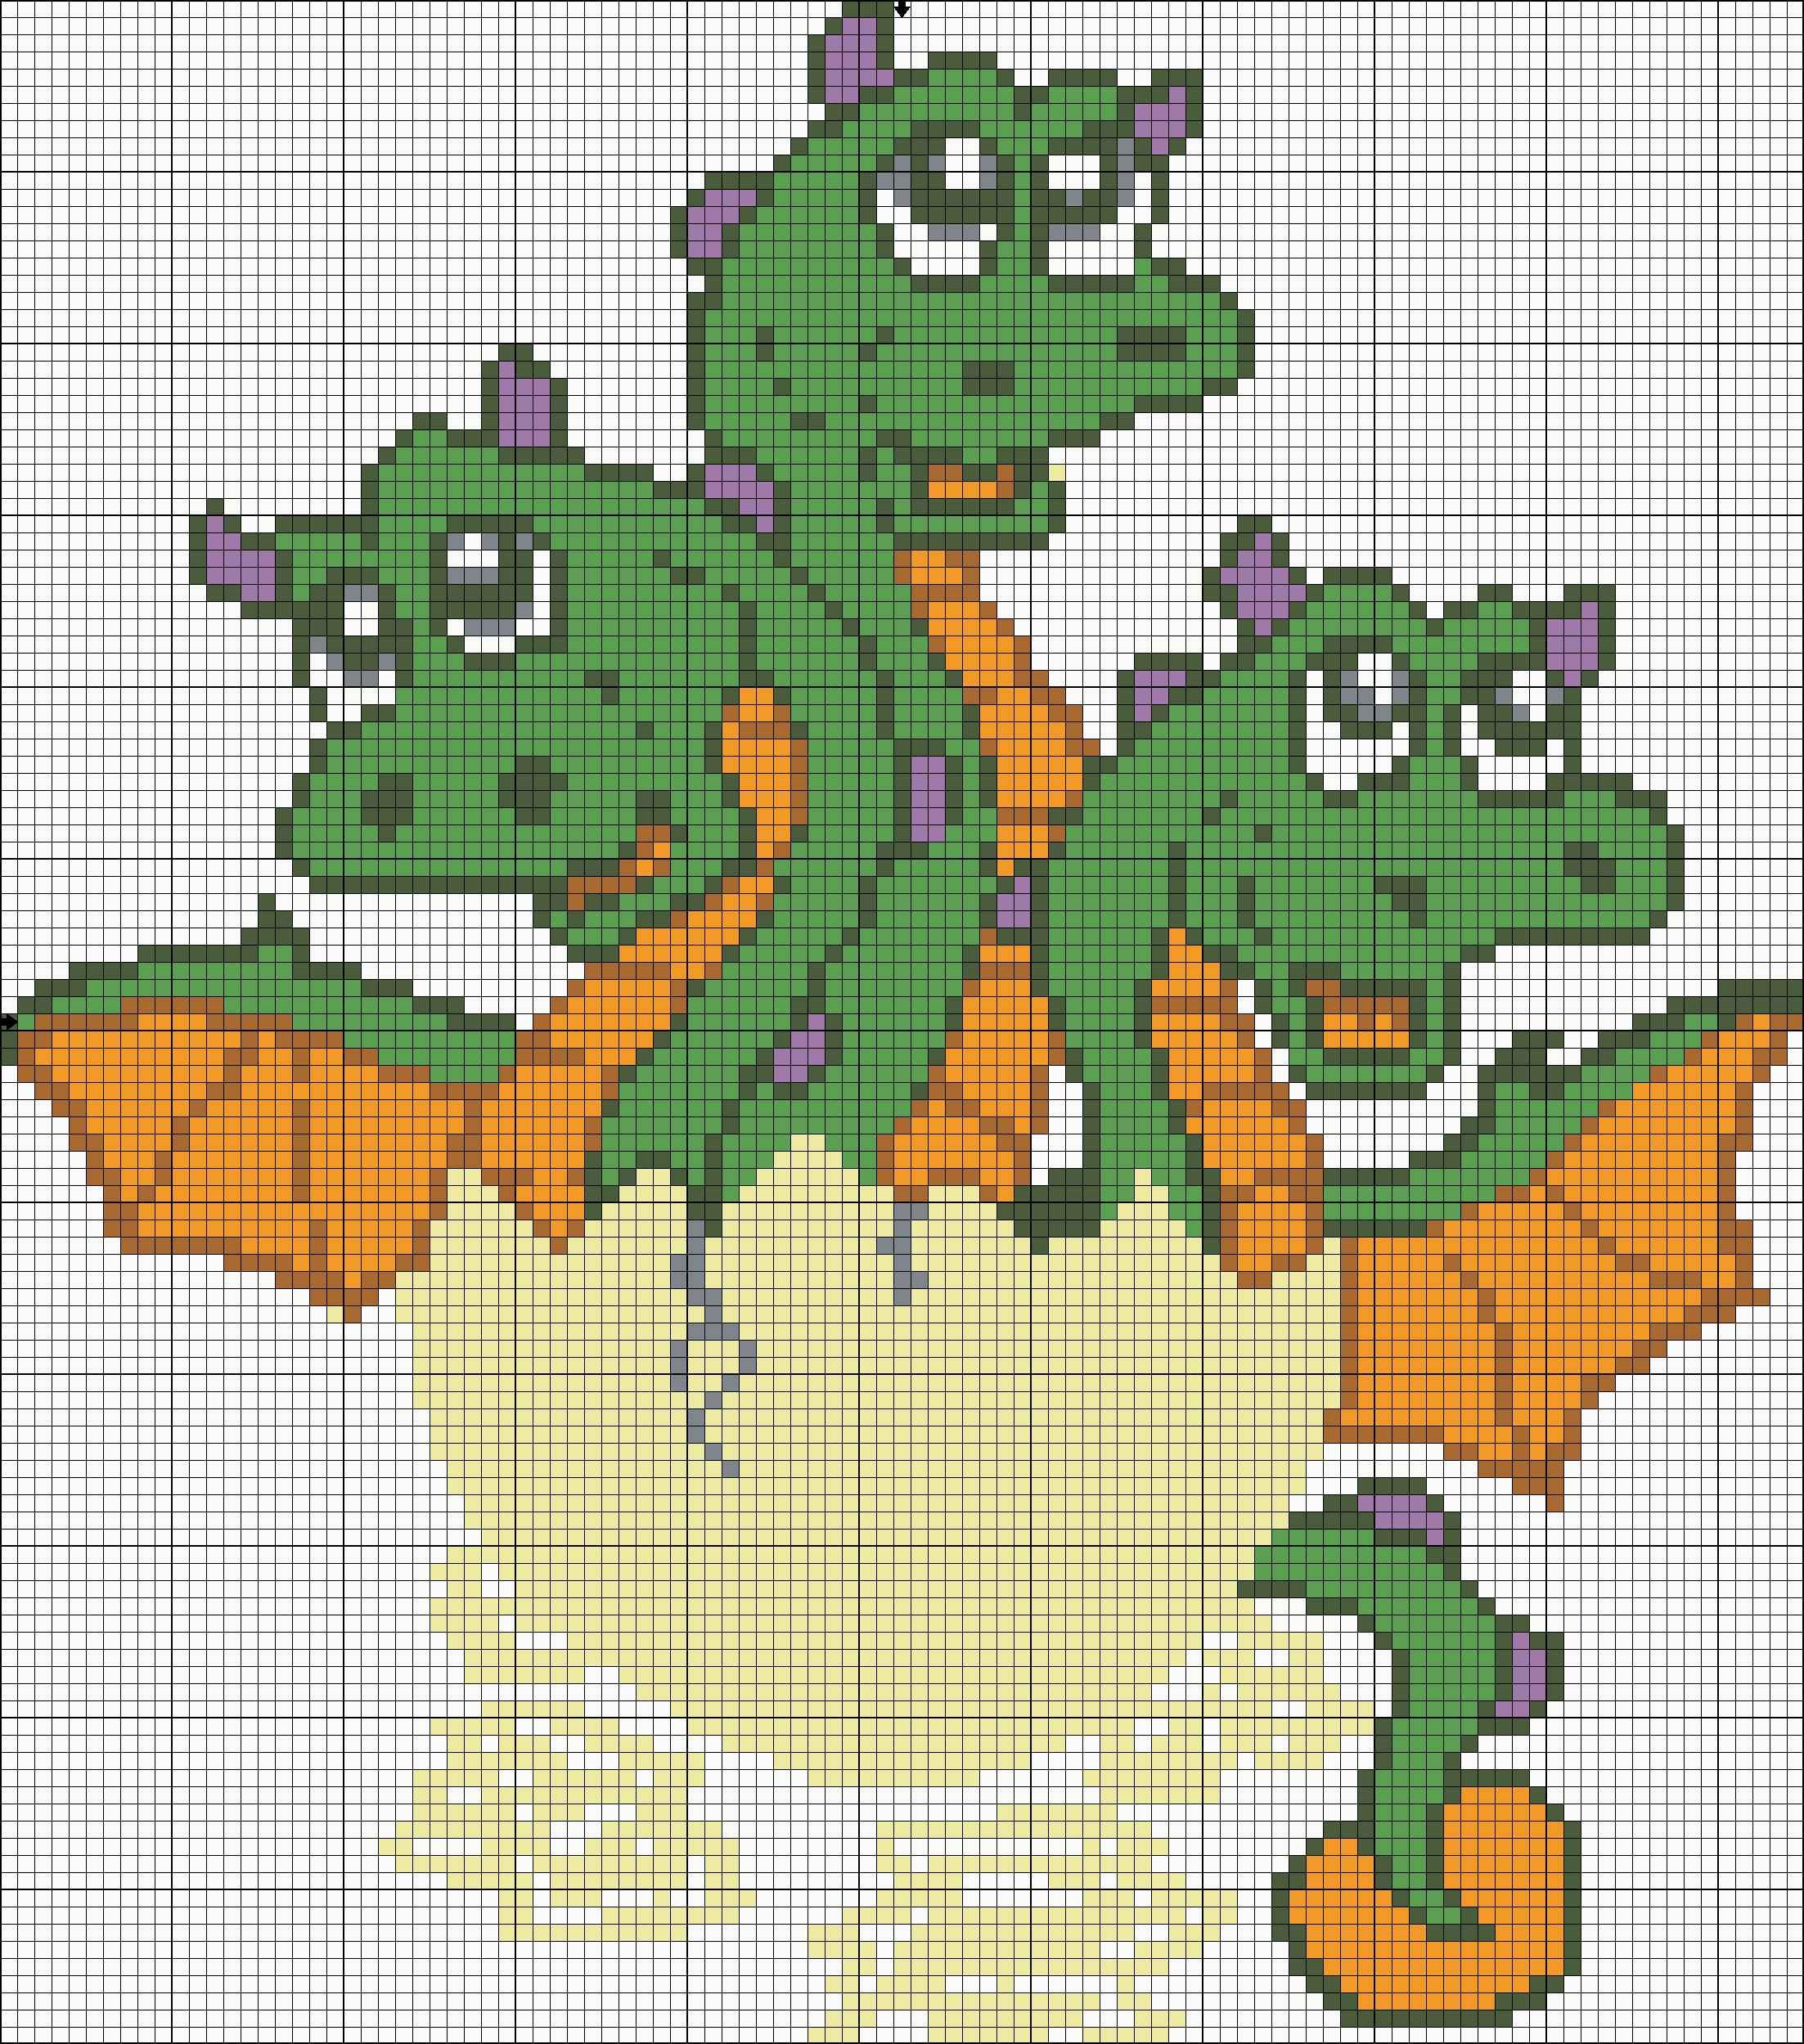 схема драконов крестиком